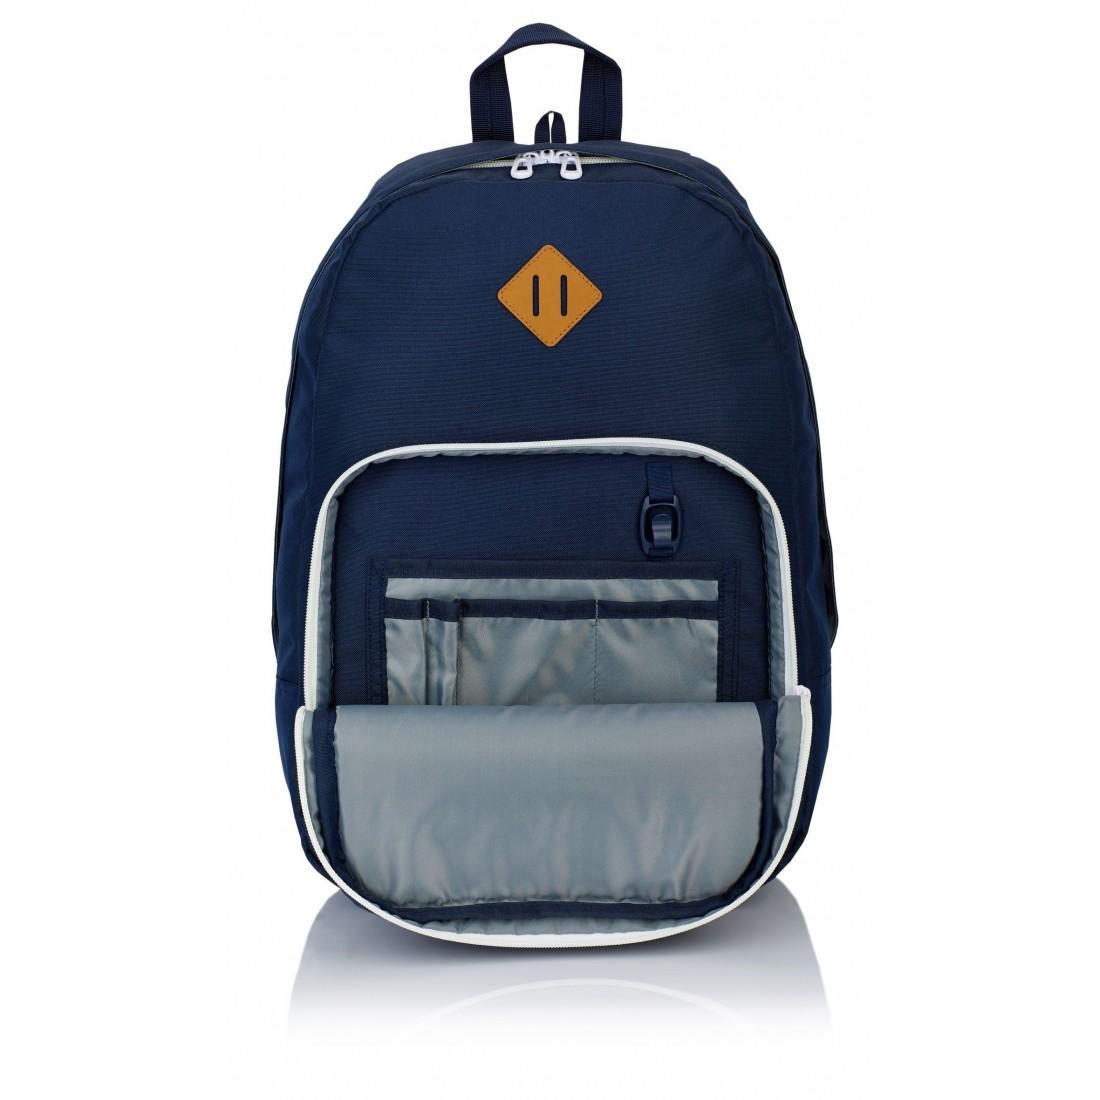 Plecak szkolny HEAD granatowy białe zamki młodzieżowy styl organizer